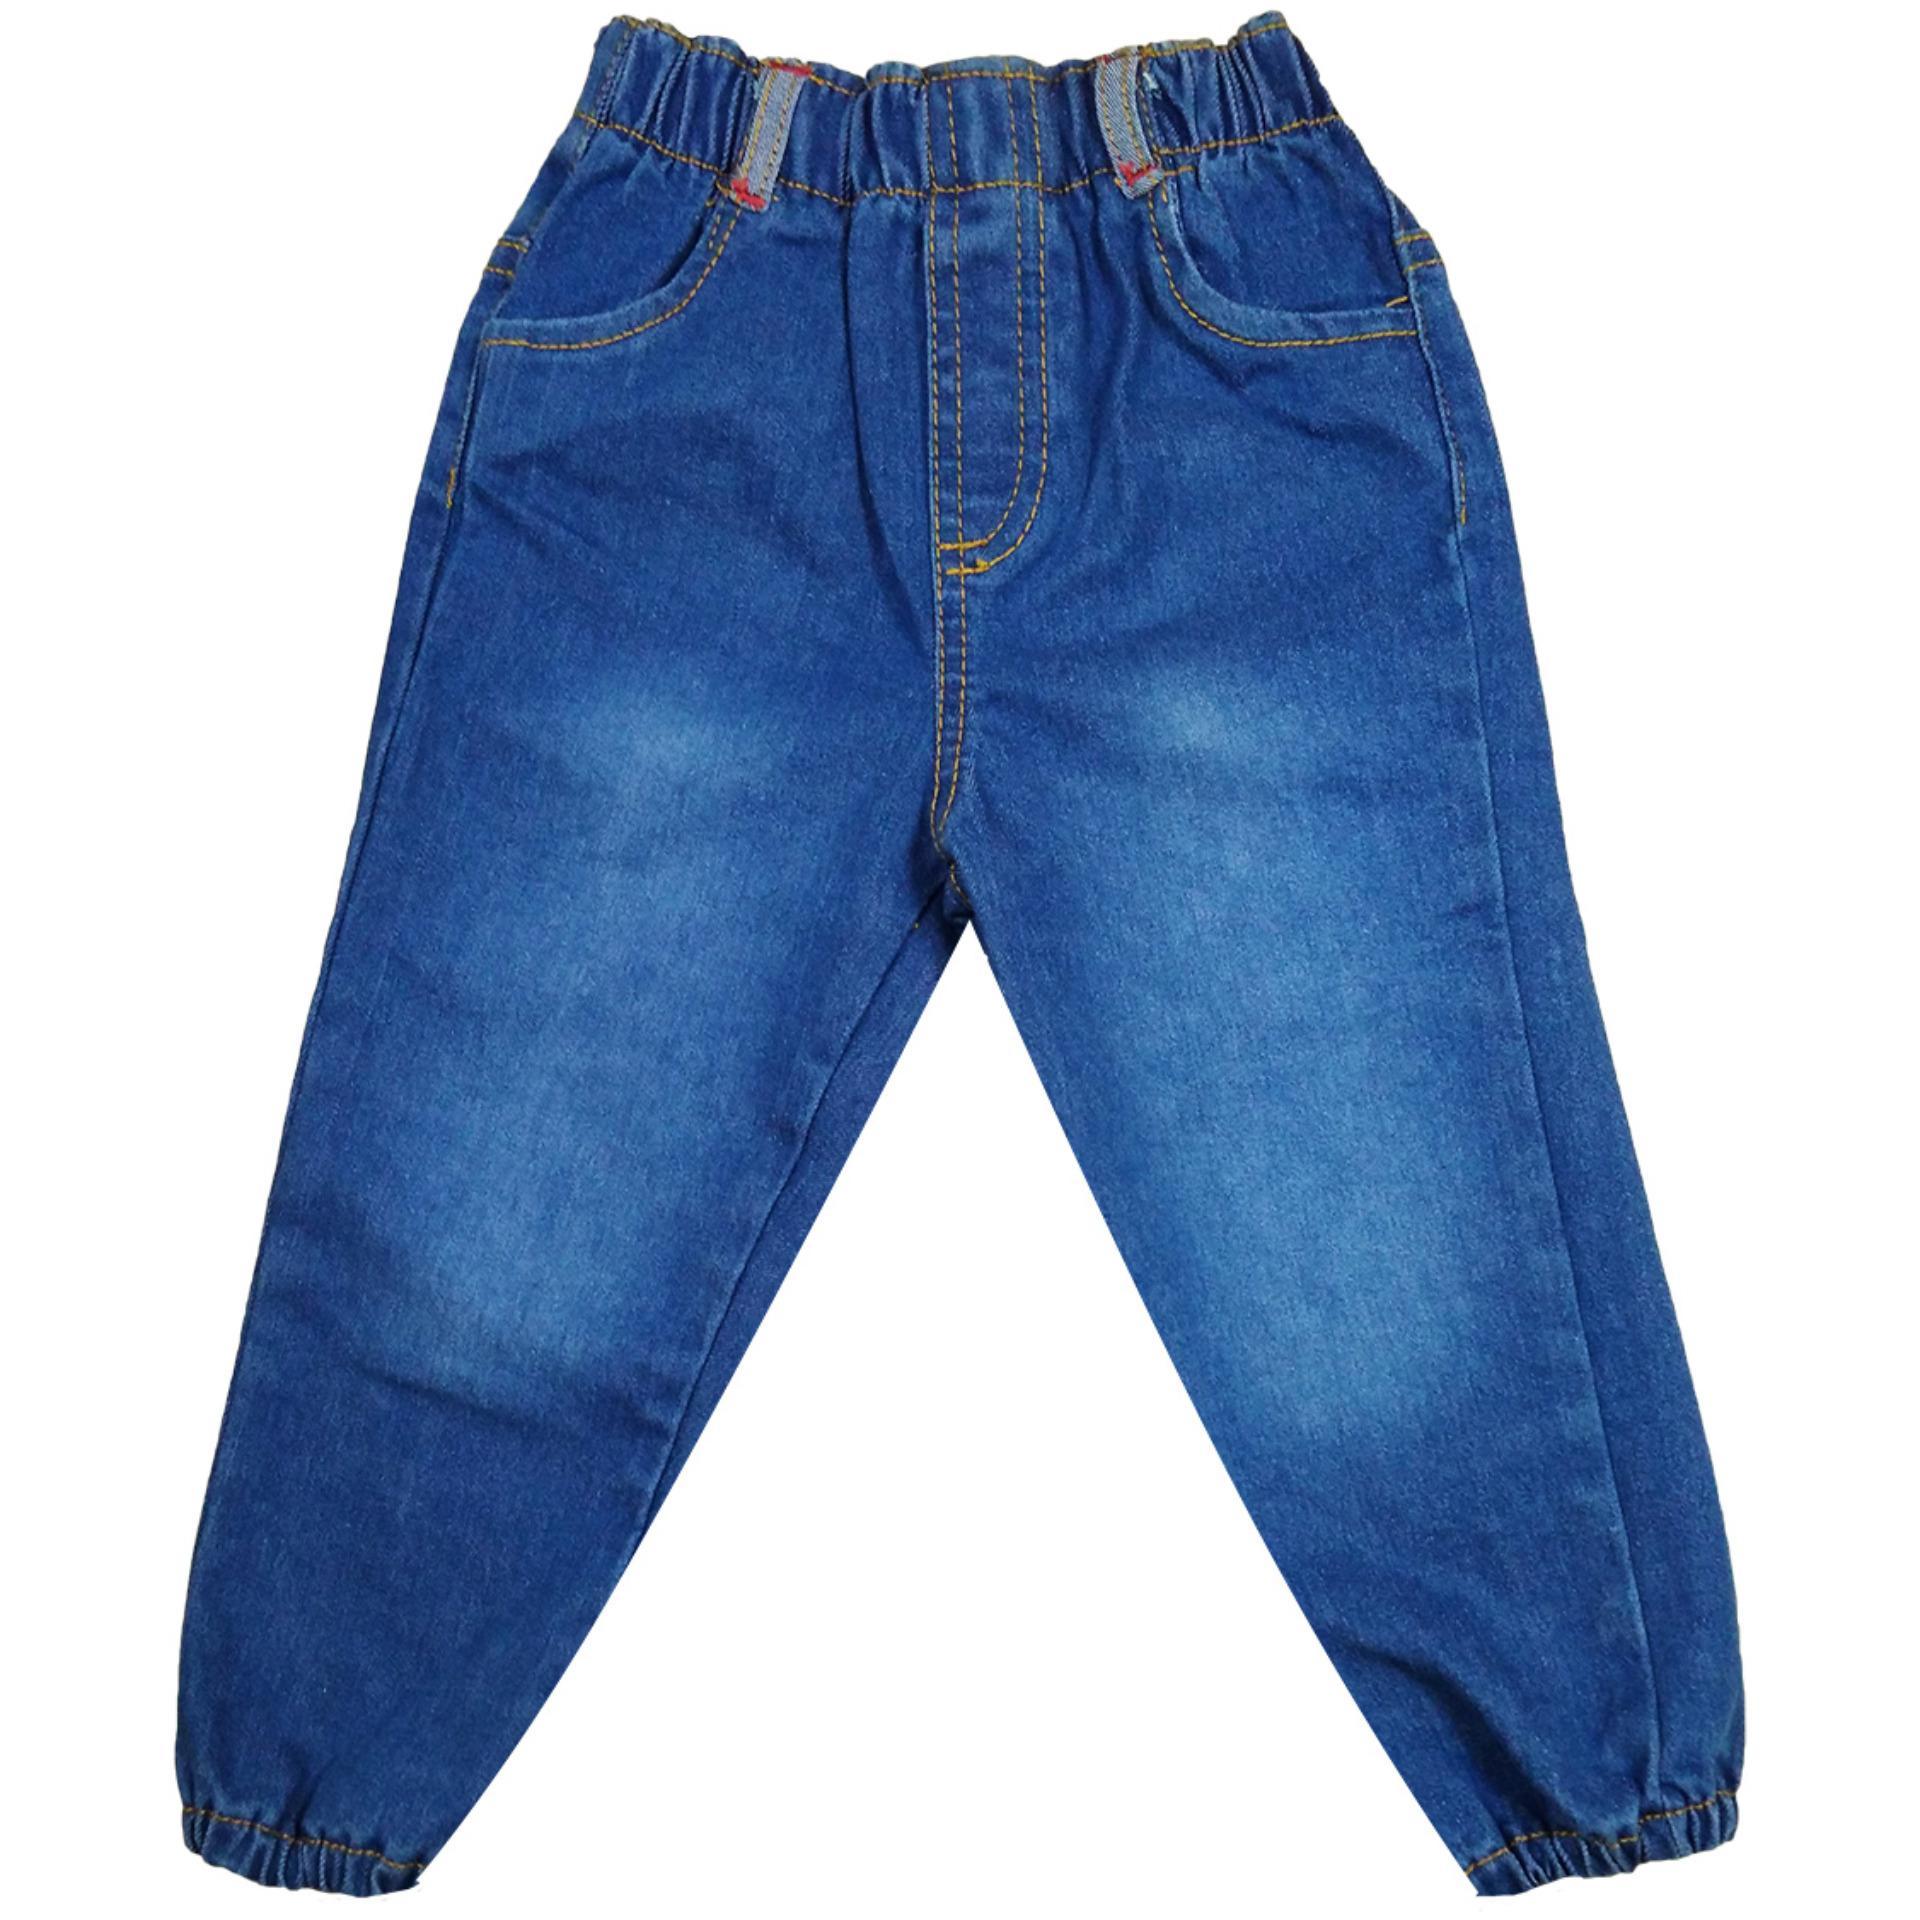 Spesifikasi Macbear Celana Anak Joger Belt Boy Pants Murah Berkualitas